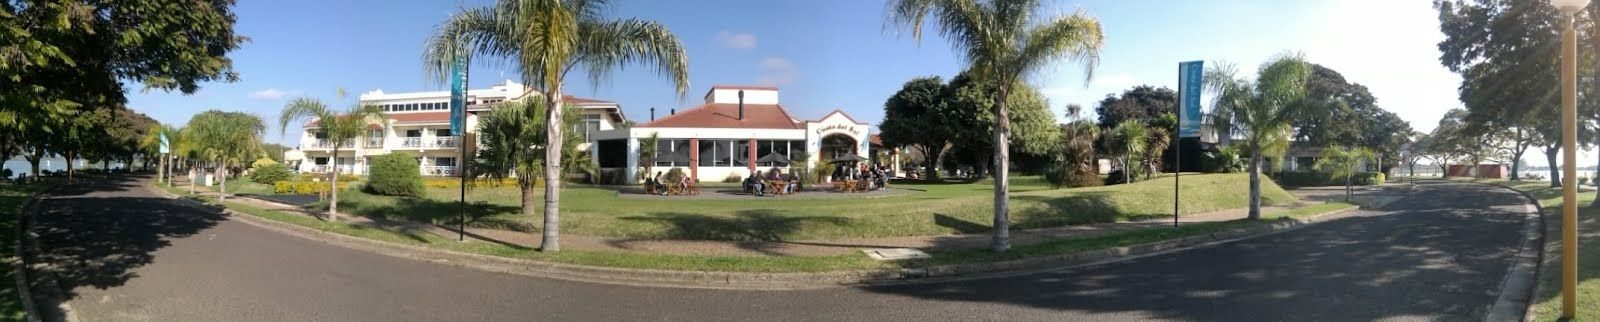 Panoramica Frente Costa Del Sol Hotel Spa Federacion Entrerios Hoteles Con Spa Hotel Termas